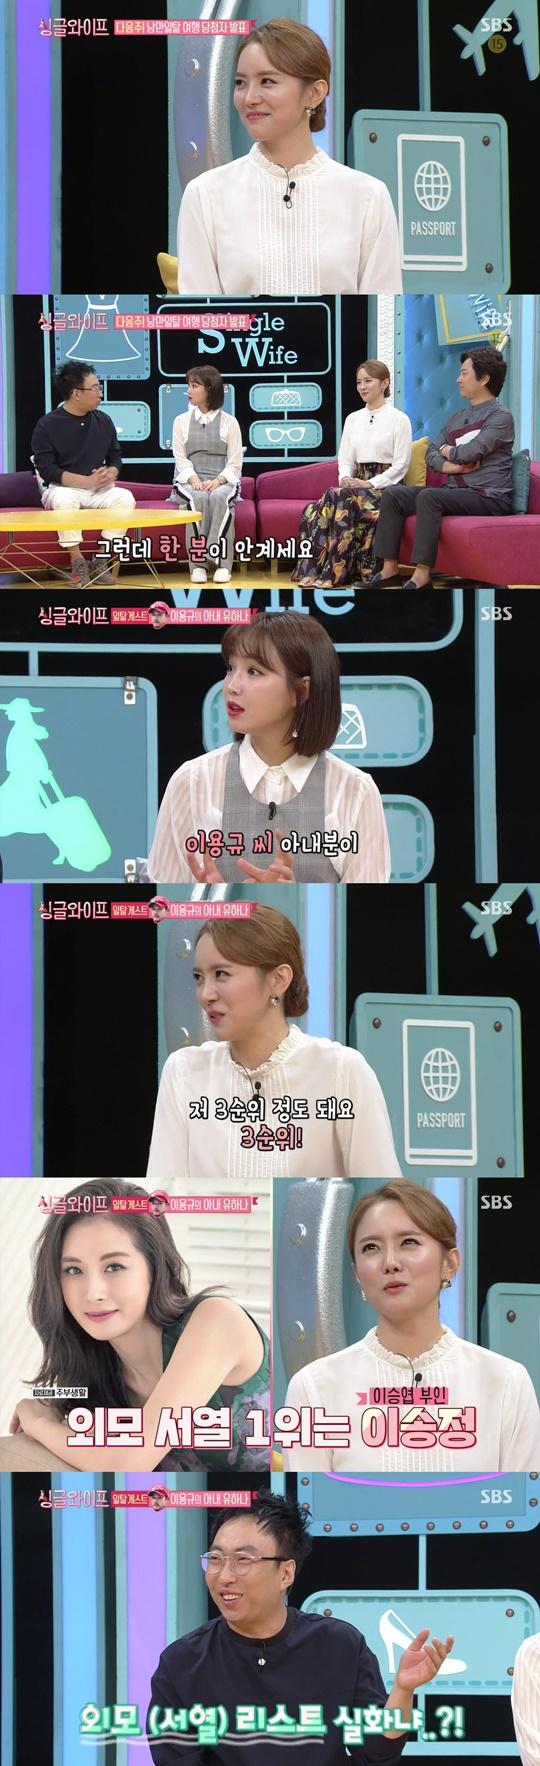 """[시선강탈] '싱글 와이프' 유하나 """"외모서열 1위, 이승엽 아내 이송정"""""""